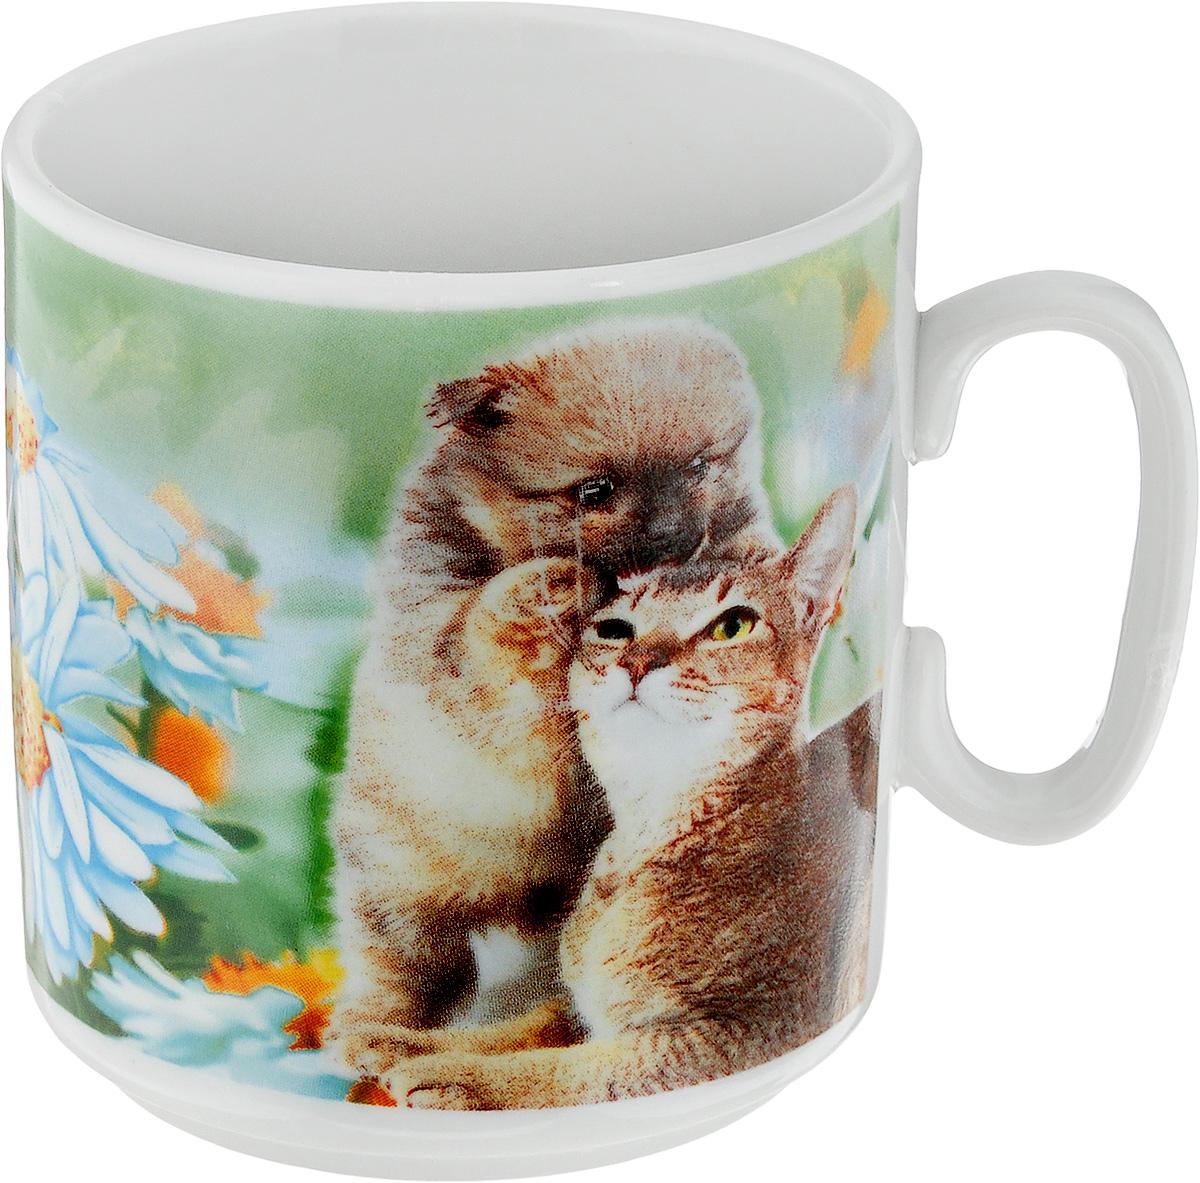 Кружка Джойс. Йоркширский терьер, кот и ромашки, 300 мл1333006_йоркширский терьер, кот и ромашкиКружка Джойс. Йоркширский терьер, кот и ромашки изготовлена из высококачественного фарфора. Внешние стенки изделия оформлены красочным рисунком. Такая кружка прекрасно подойдет для горячих и холодных напитков. Она дополнит коллекцию вашей кухонной посуды и будет служить долгие годы. Диаметр кружки (по верхнему краю): 8 см. Высота кружки: 8,5 см.